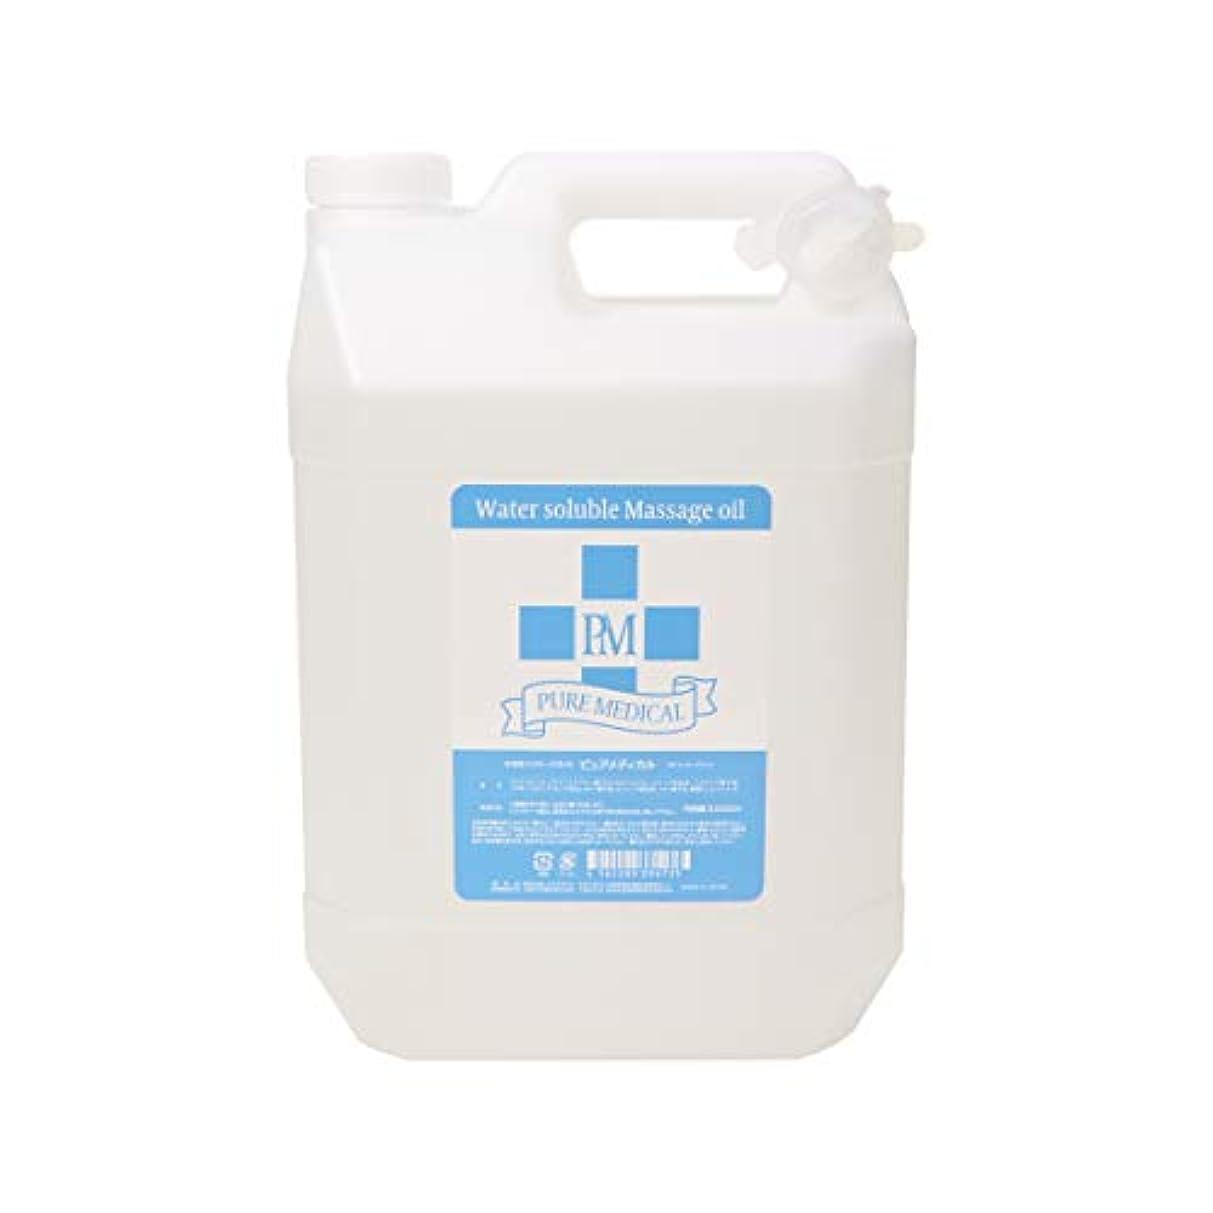 方向顔料セグメントPURE MEDICAL(ピュアメディカル) 水溶性マッサージオイル 5L マッサージオイル ボディオイル PM 無香料 日本製 業務用 ボディ用